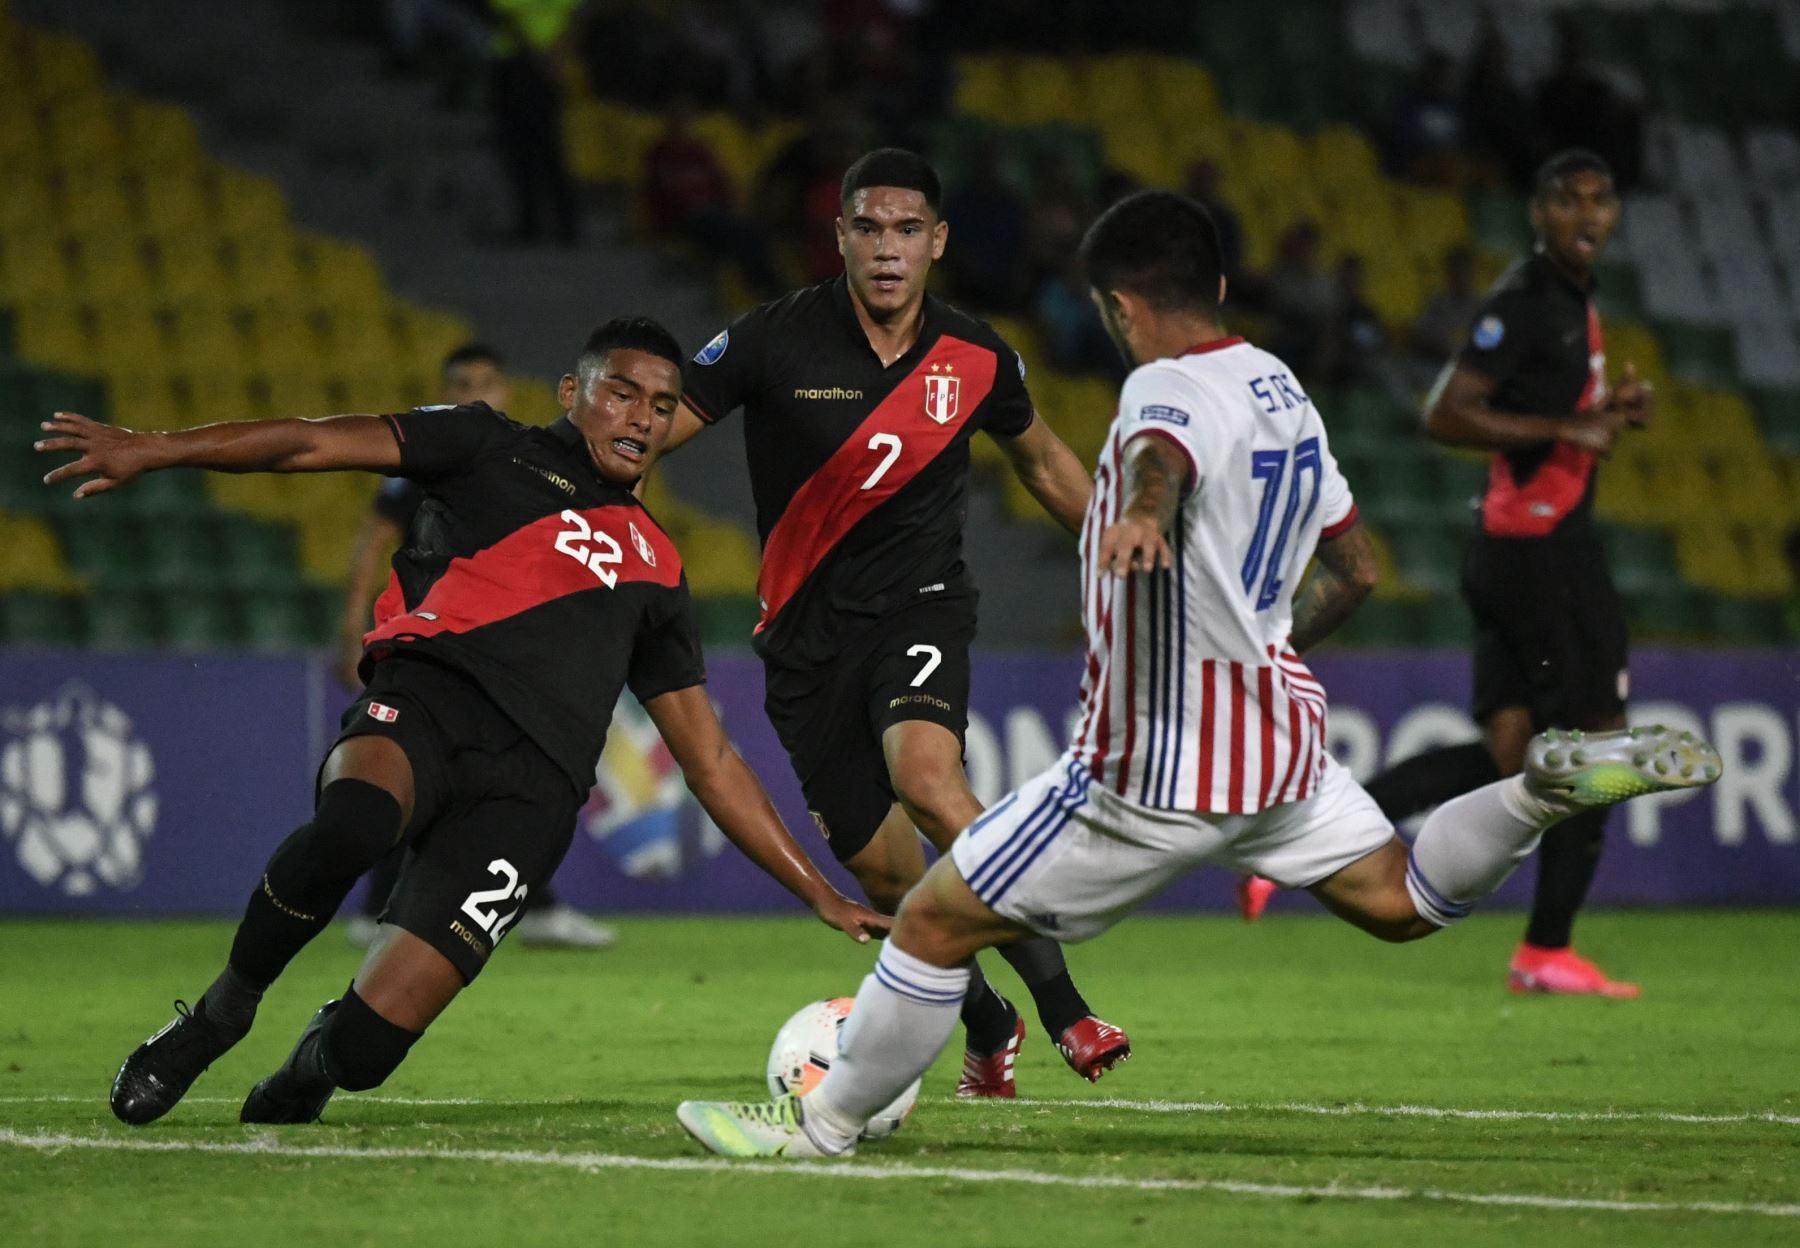 El paraguayo Sergio Díaz (R) está marcado por el peruano Kluiverth Aguilar (L) y el mediocampista peruano Yuriel Celi durante su partido de fútbol del Torneo Preolímpico Sudamericano Sub-23 en el Estadio Centenario en Armenia, Colombia. Foto:AFP